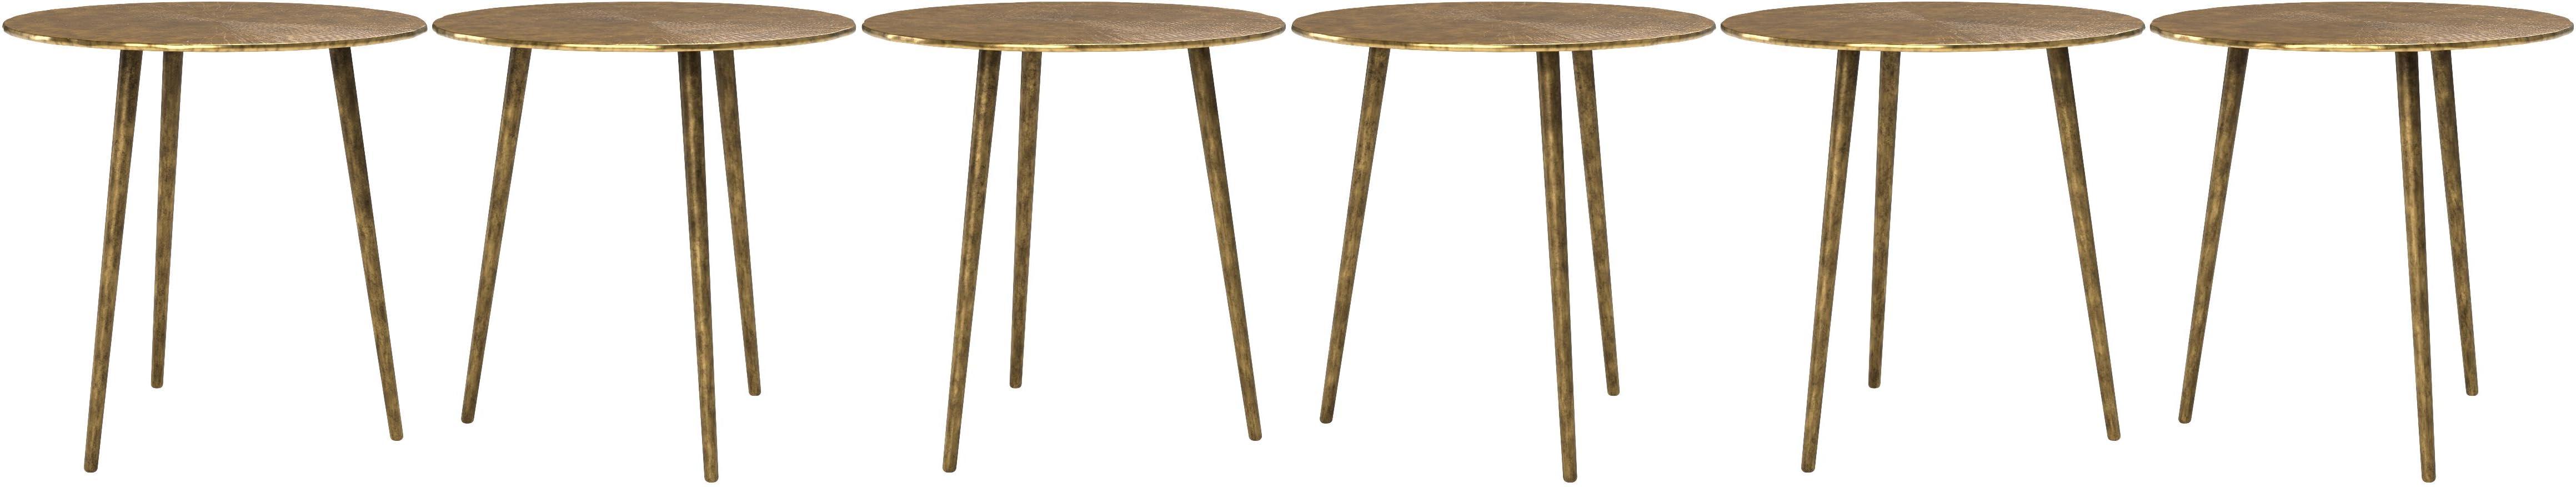 Gris diam/ètre 40 cm Argent m/étal Hauteur 47 cm Table dappoint HomeTrends4You Kumar 1 Table Basse Set de Table